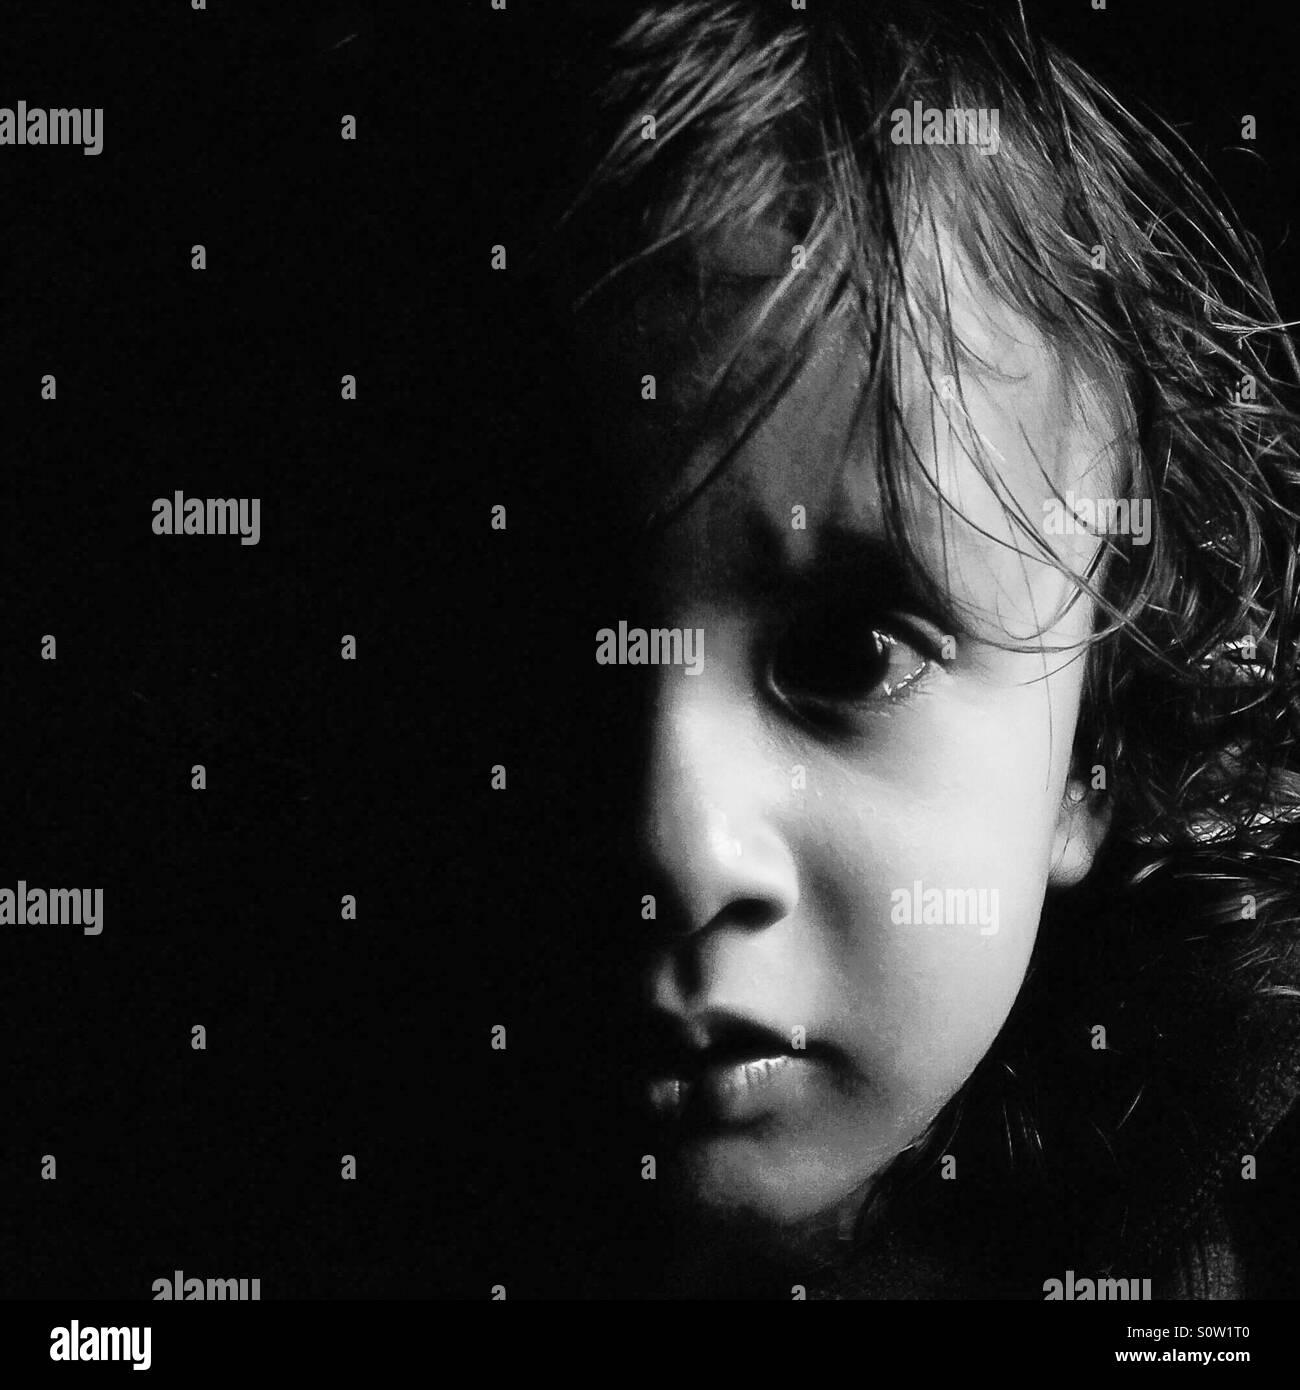 Salvar a infância Imagens de Stock